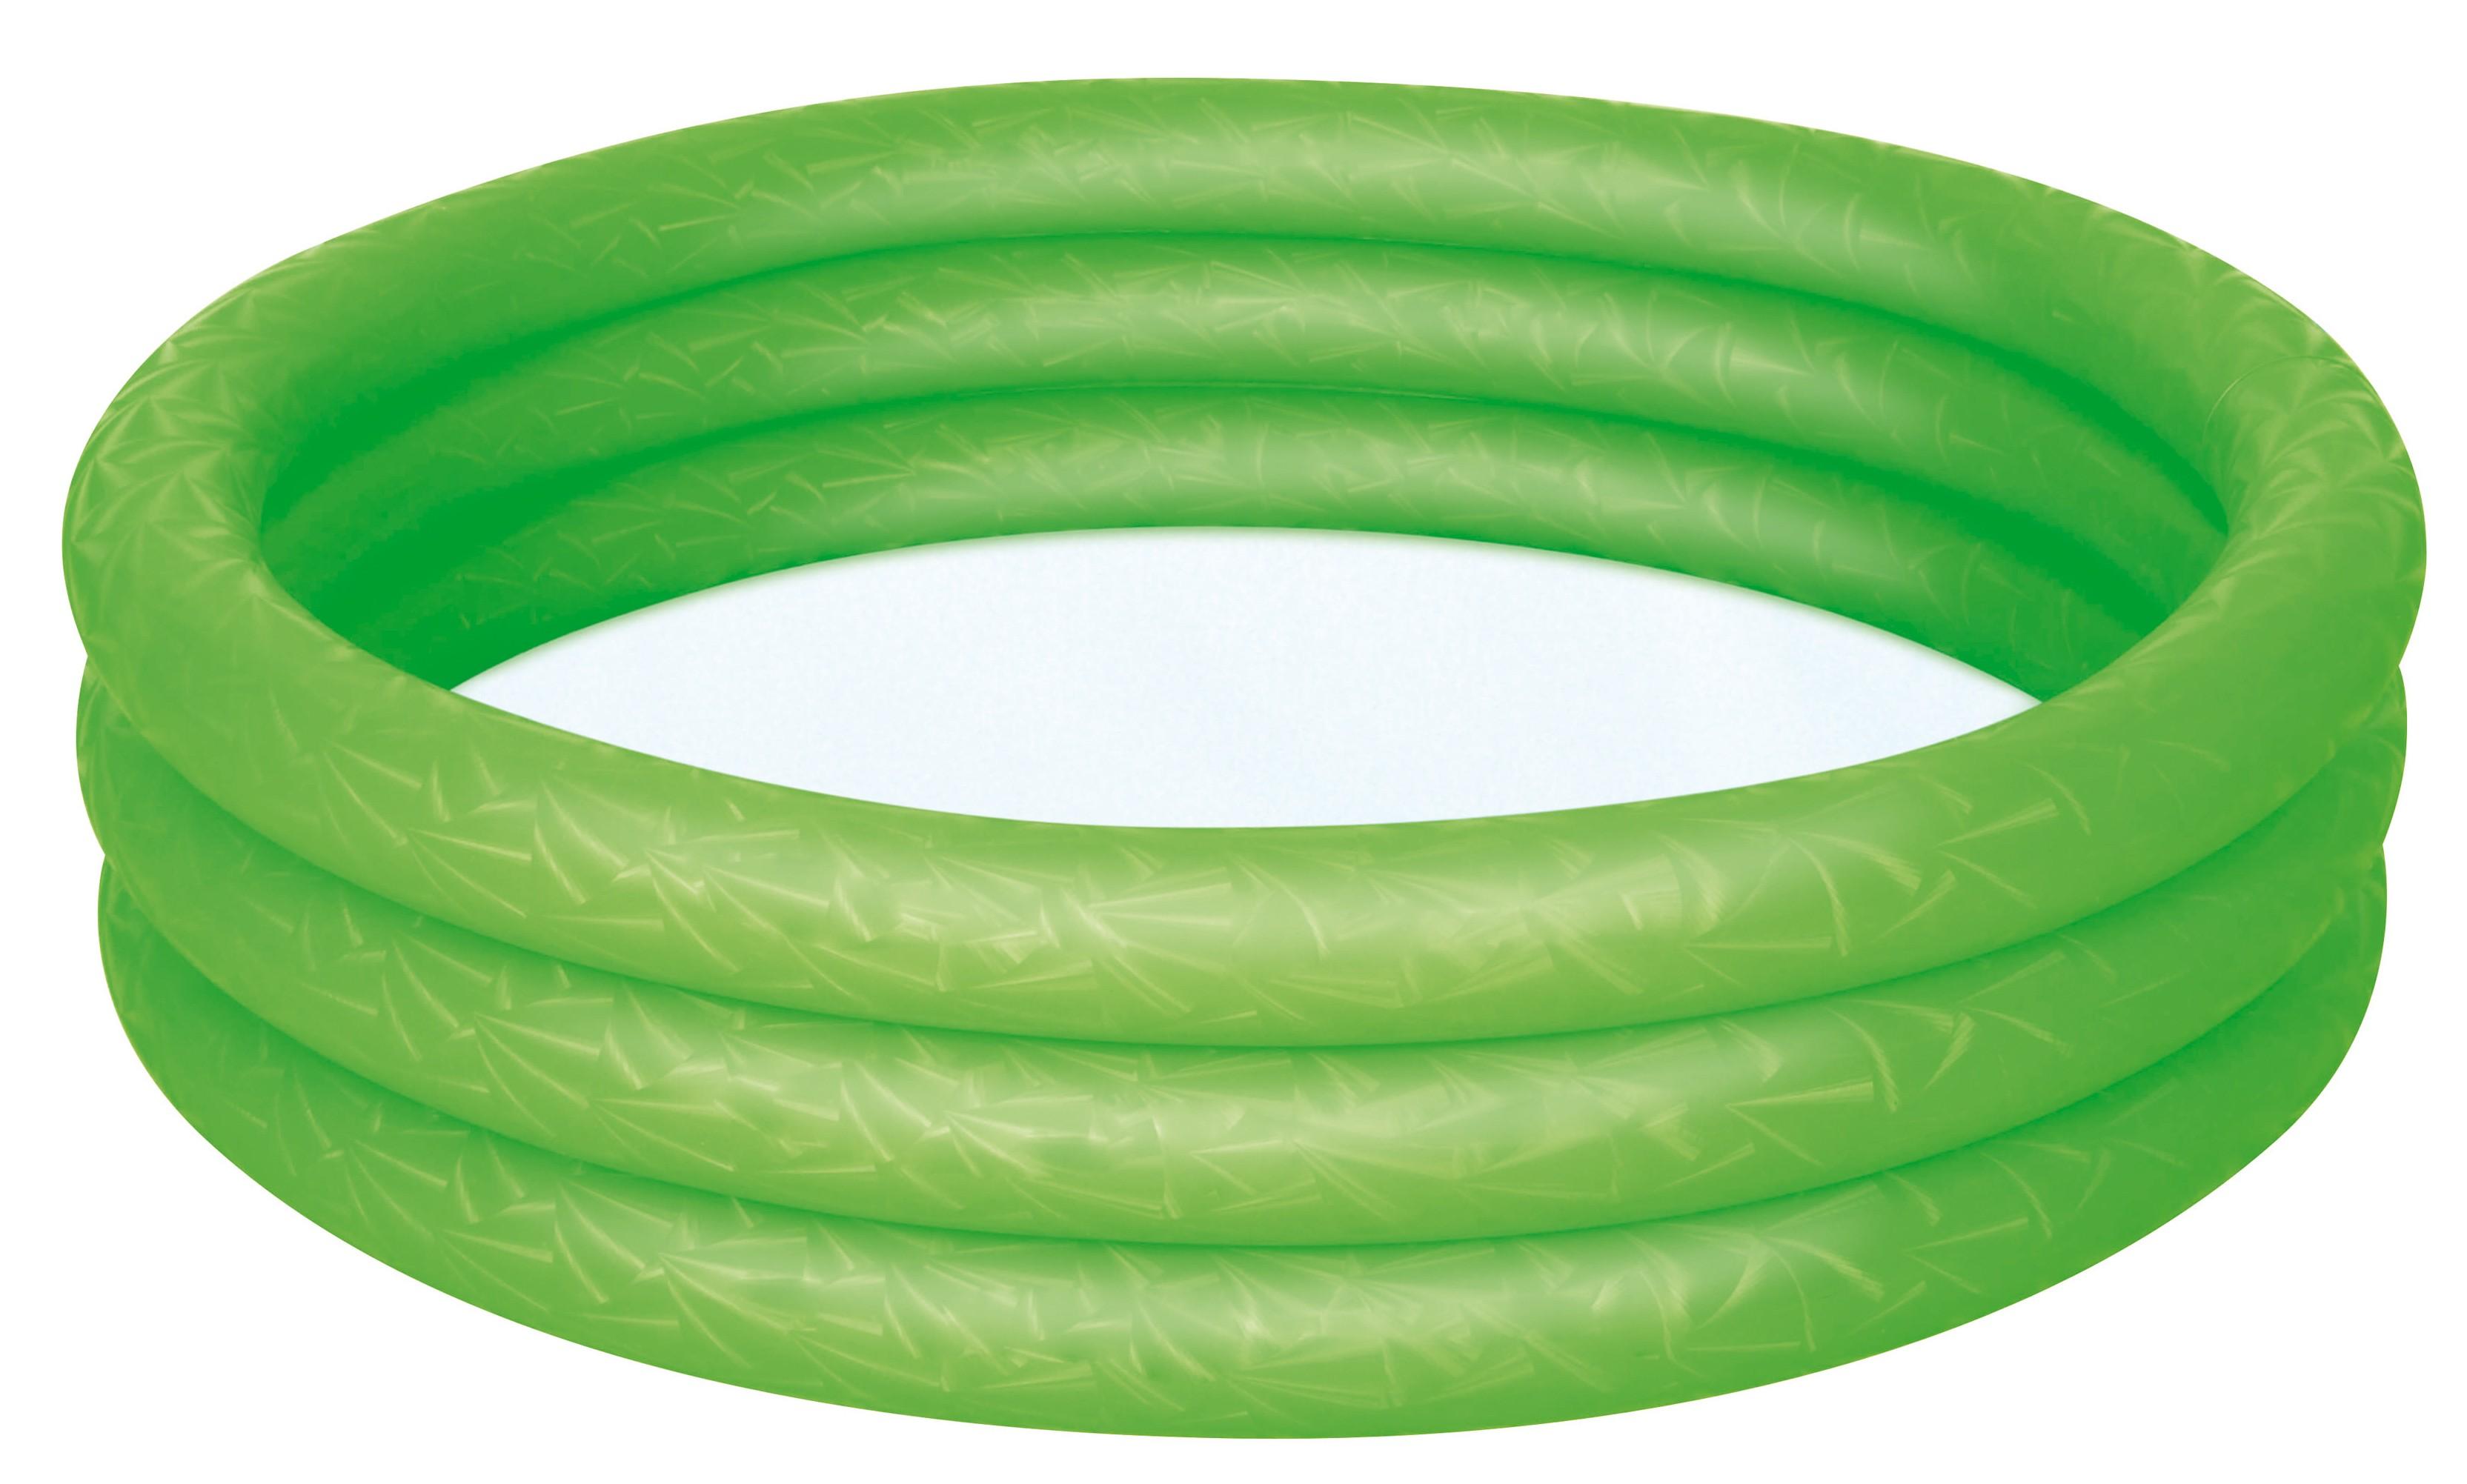 Planschbecken / Kinderpool Bestway Uni rot/blau/grün Ø152x30cm Bild 3